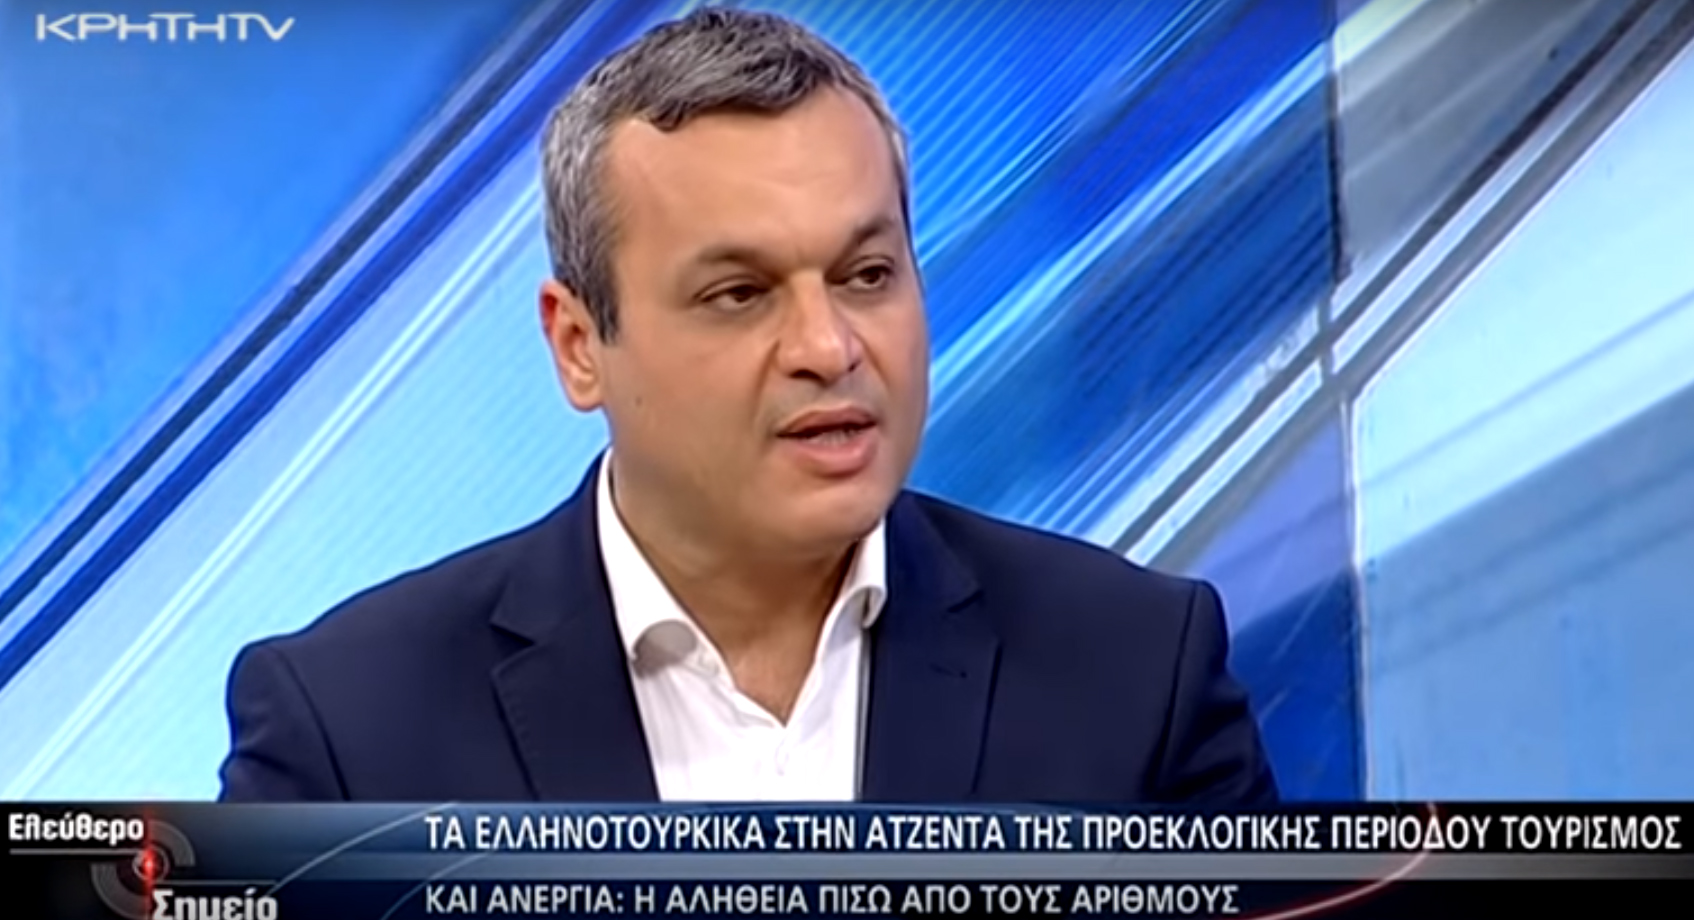 Συνέντευξη στην ΚΡΗΤΗ tv